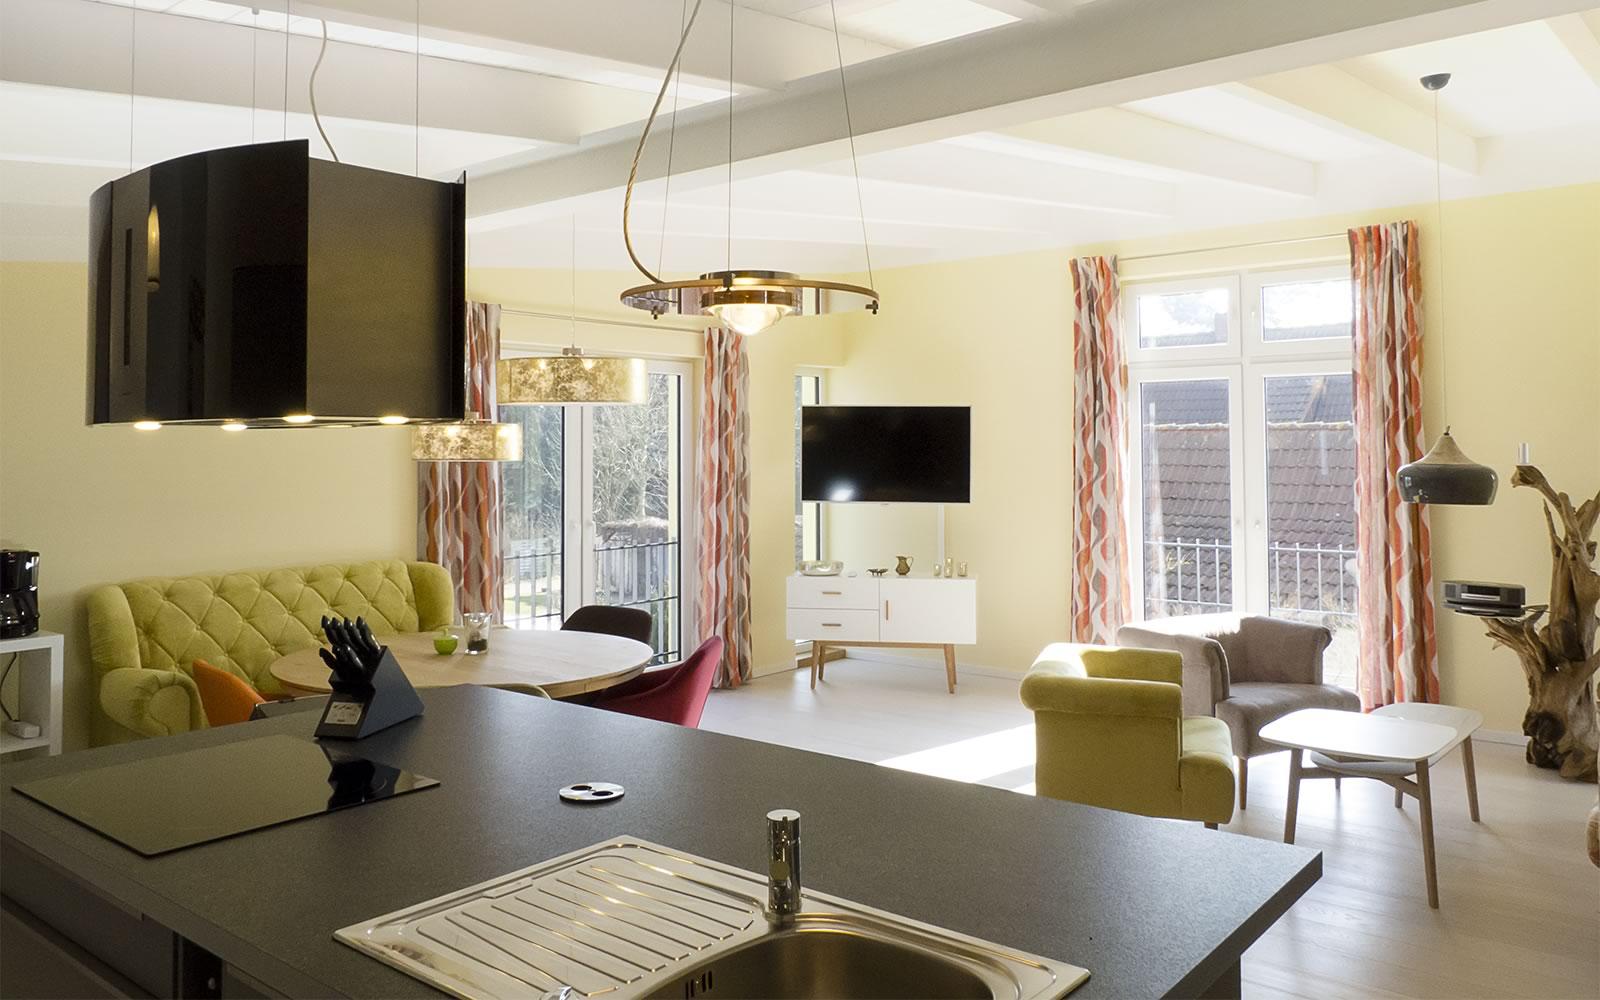 wohnraum erstaunlich wohnraum ideen wohnzimmer und ideen wohnraum wohnraum klein aber oho. Black Bedroom Furniture Sets. Home Design Ideas